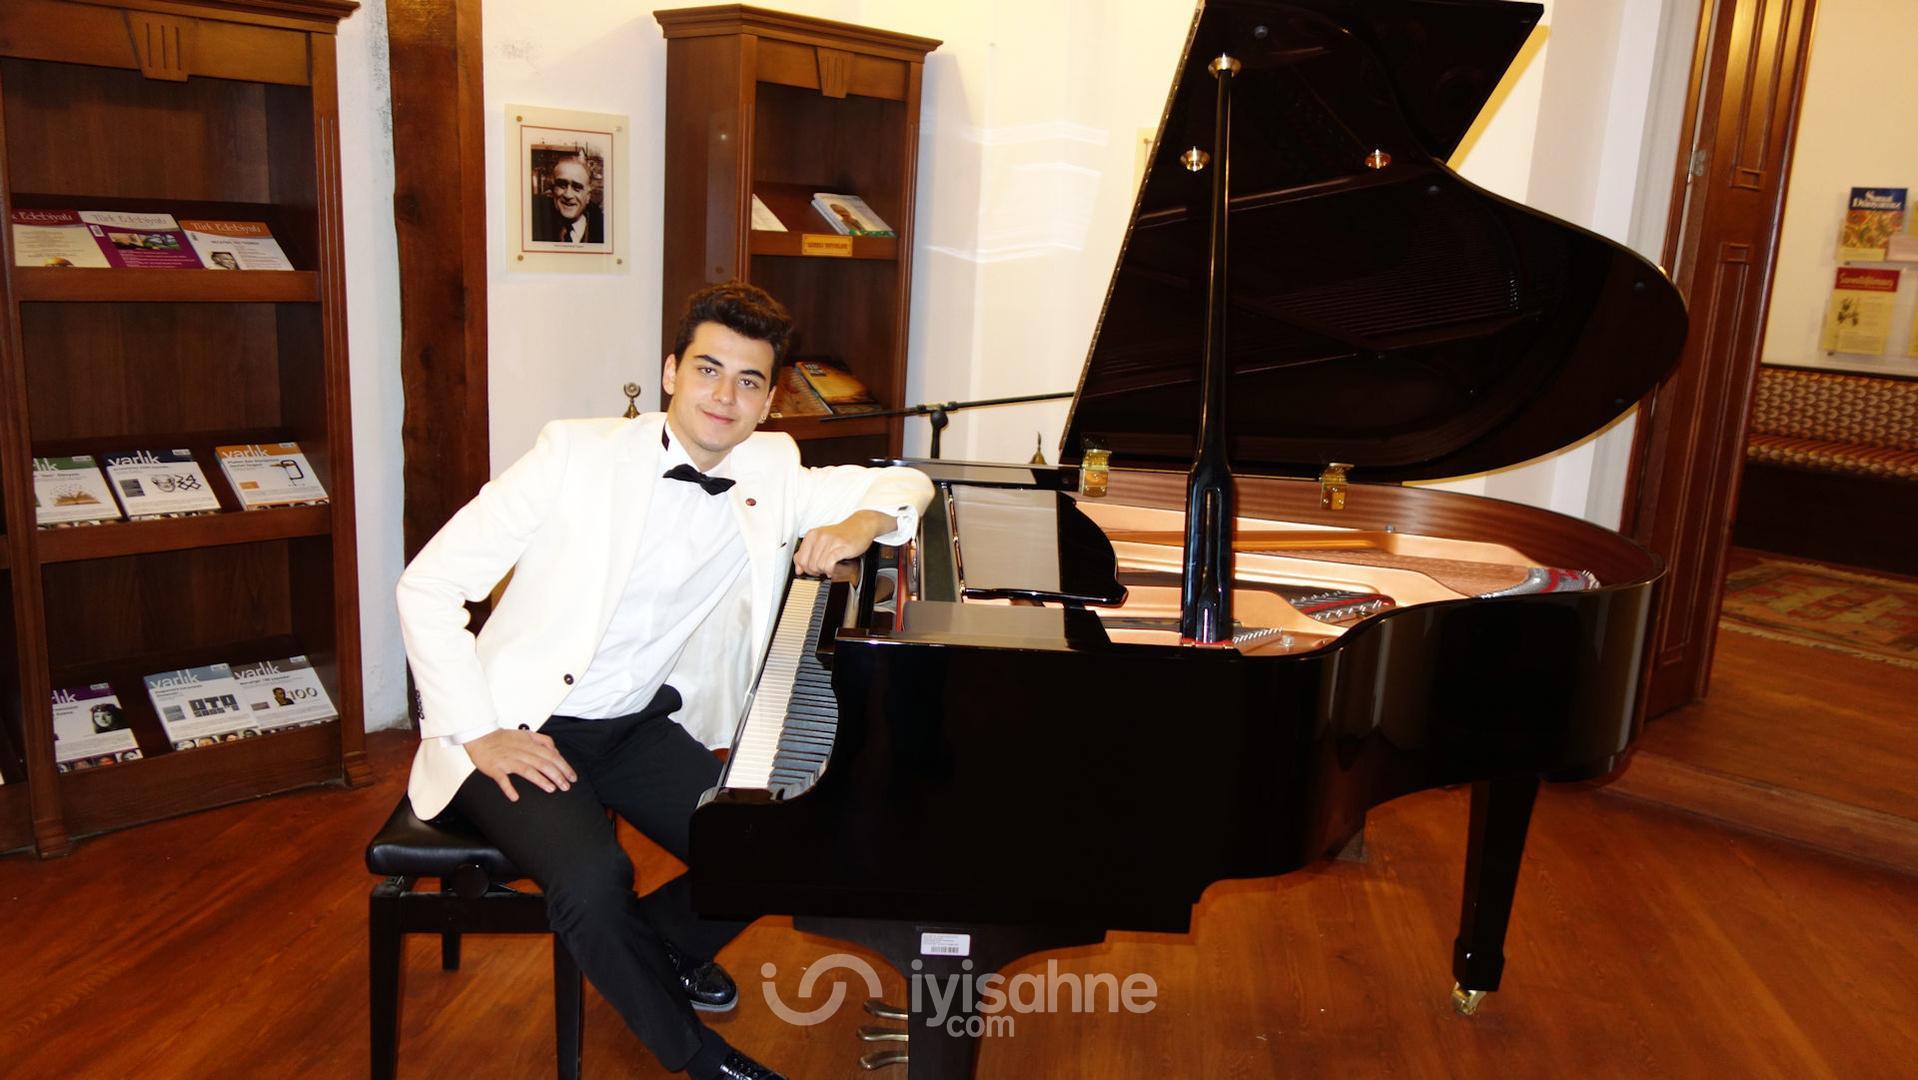 Genç Piyanist Güneş Yakartepe ,  Verdiğim Piyano Konserleri, Etkinlikleri 2011- 2016 .Ahmet Hamdi Tanpınar Edebiyat Müze Kütüphanesi Öğretmen Akademileri Açılışı